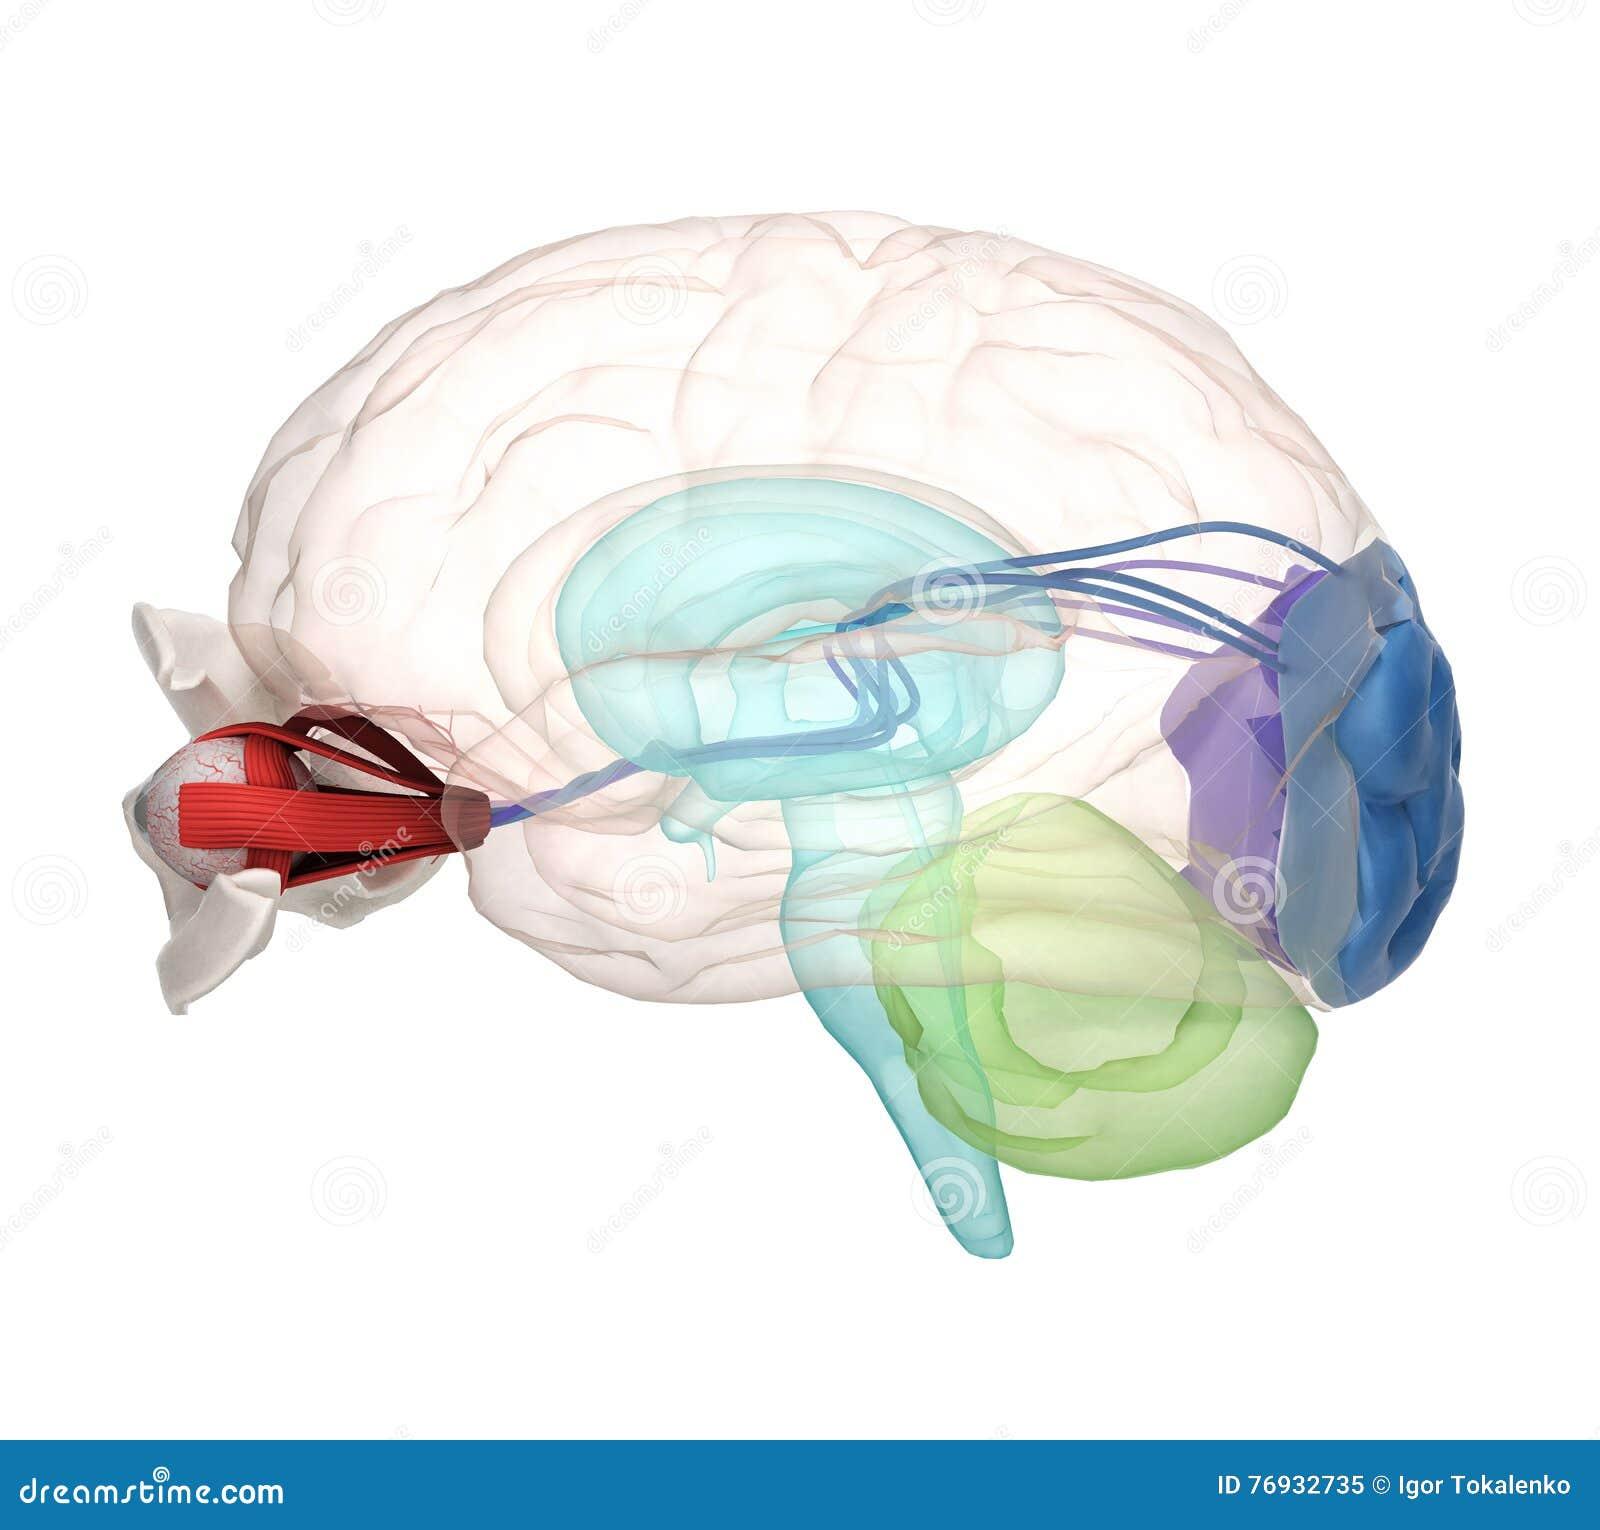 Mustern Sie Anatomie Und Struktur, Muskeln, Nerven Und Blutgefäße ...